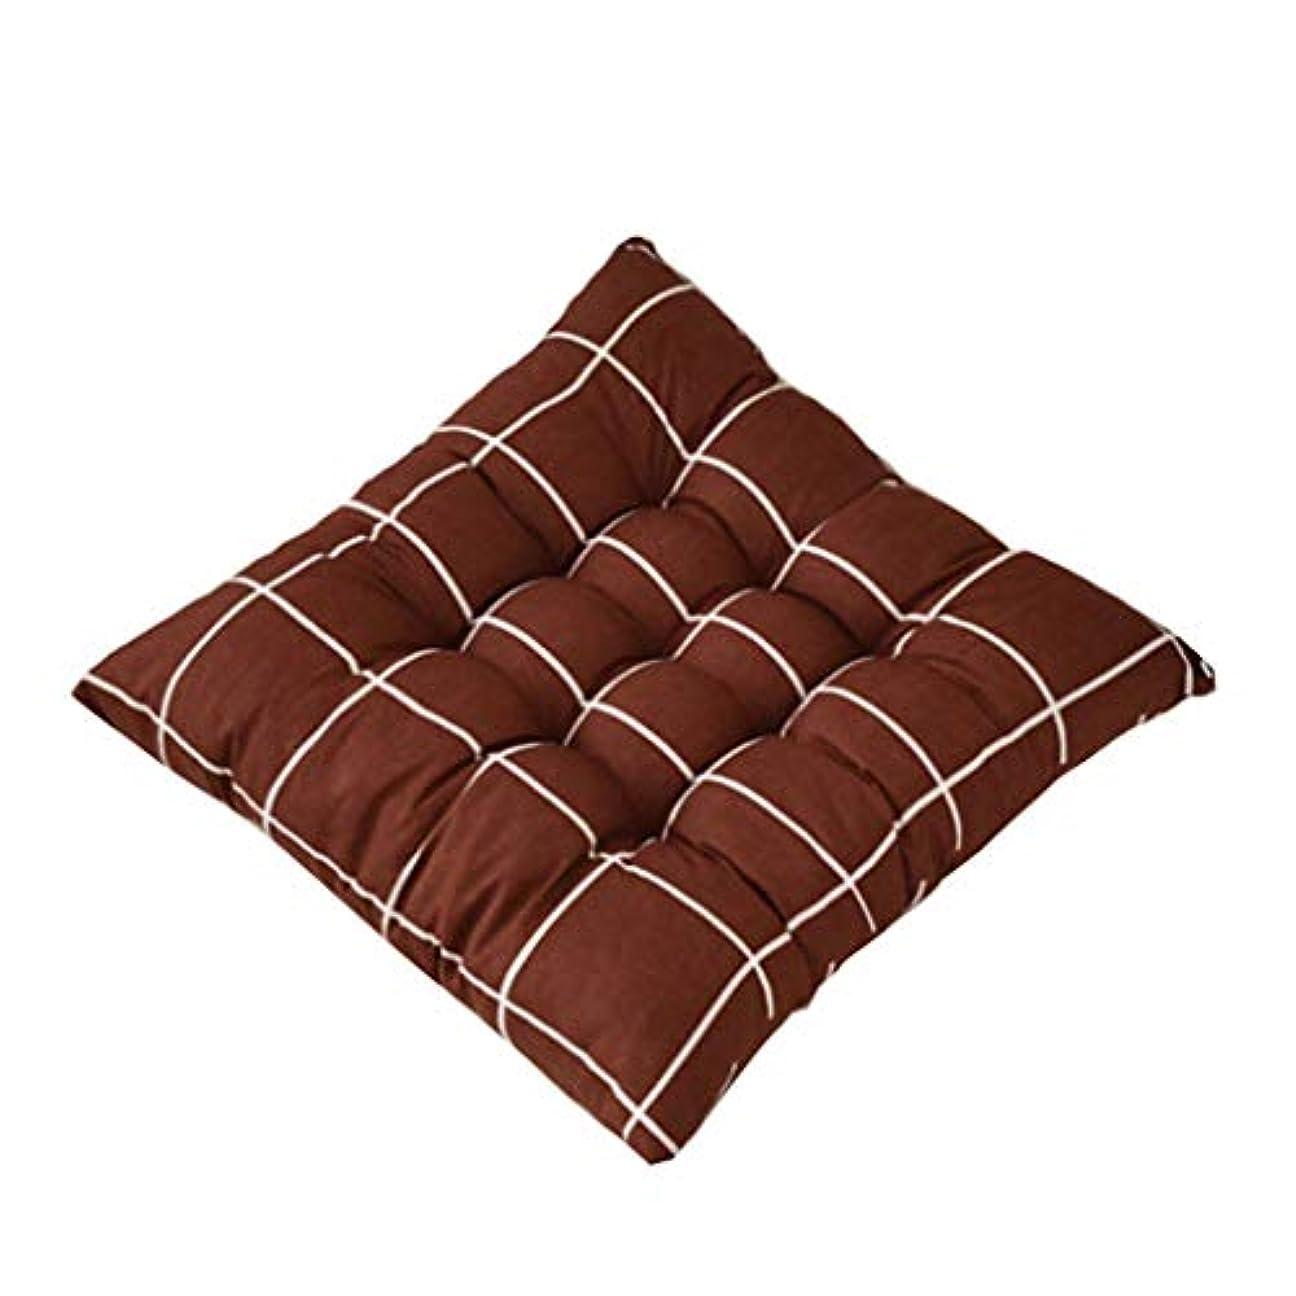 辛なドレス変換LIFE 正方形の椅子パッド厚いシートクッションダイニングパティオホームオフィス屋内屋外ガーデンソファ臀部クッション 40 × 40 センチメートル クッション 椅子